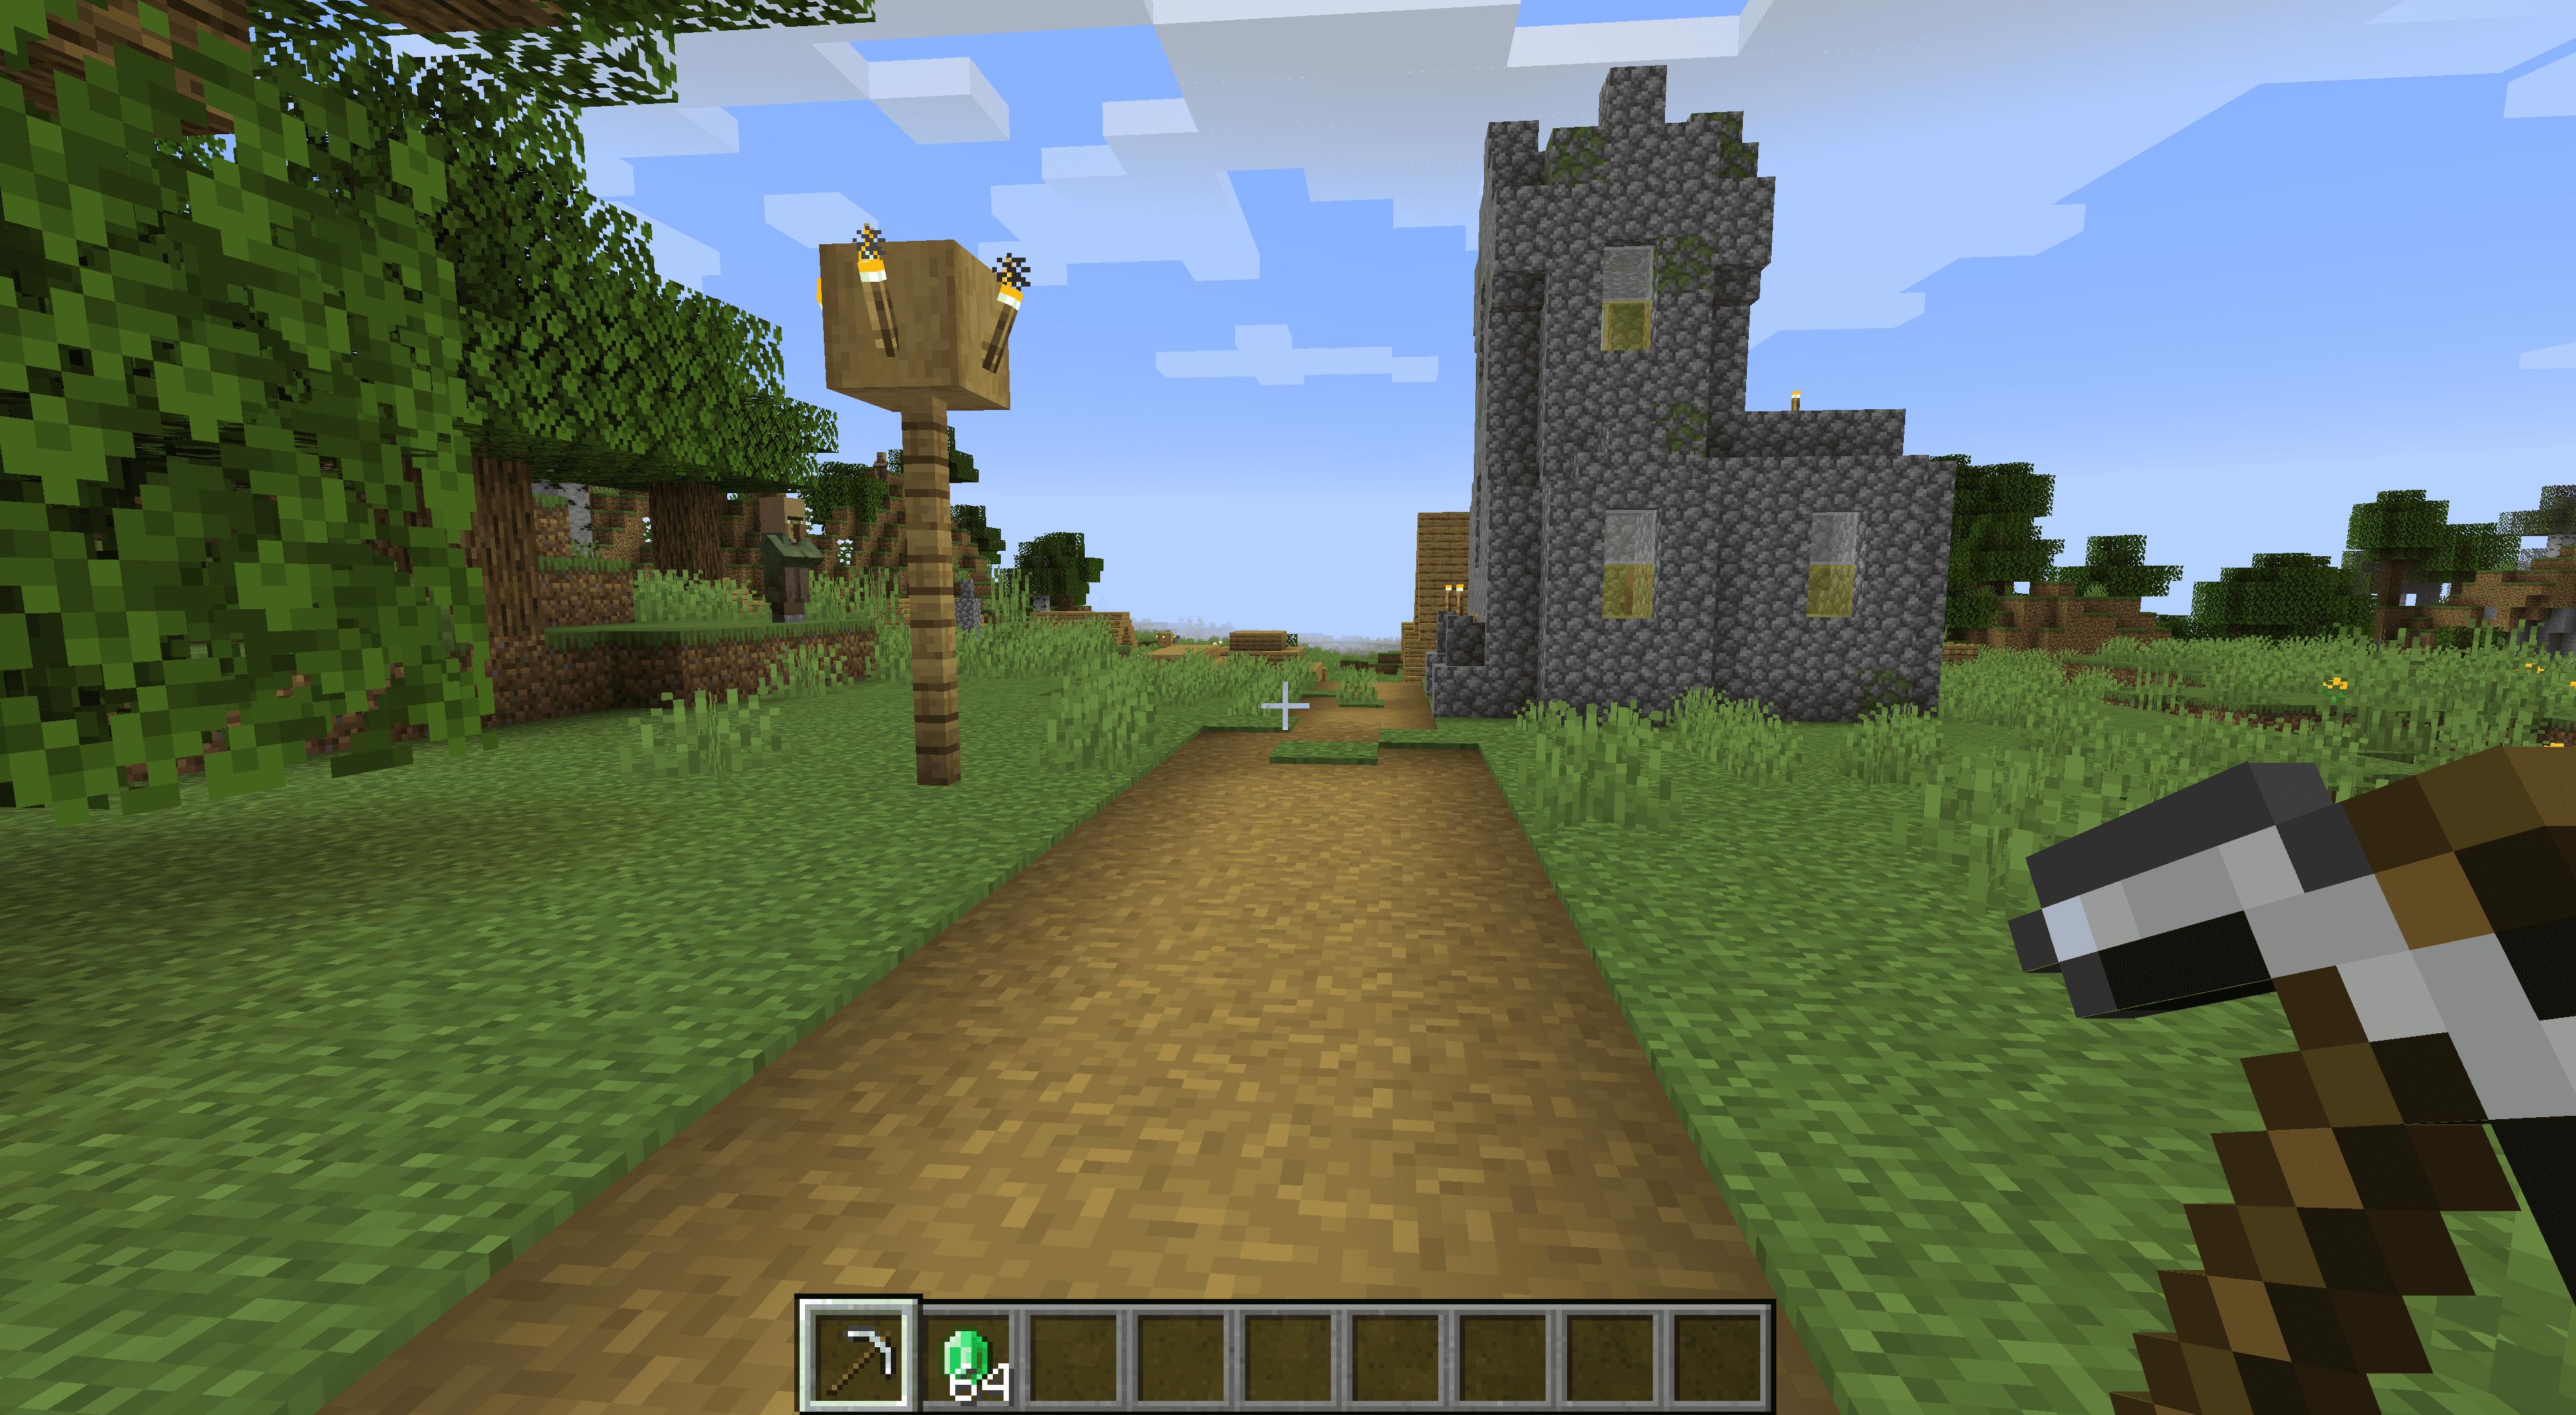 A village in Minecraft.